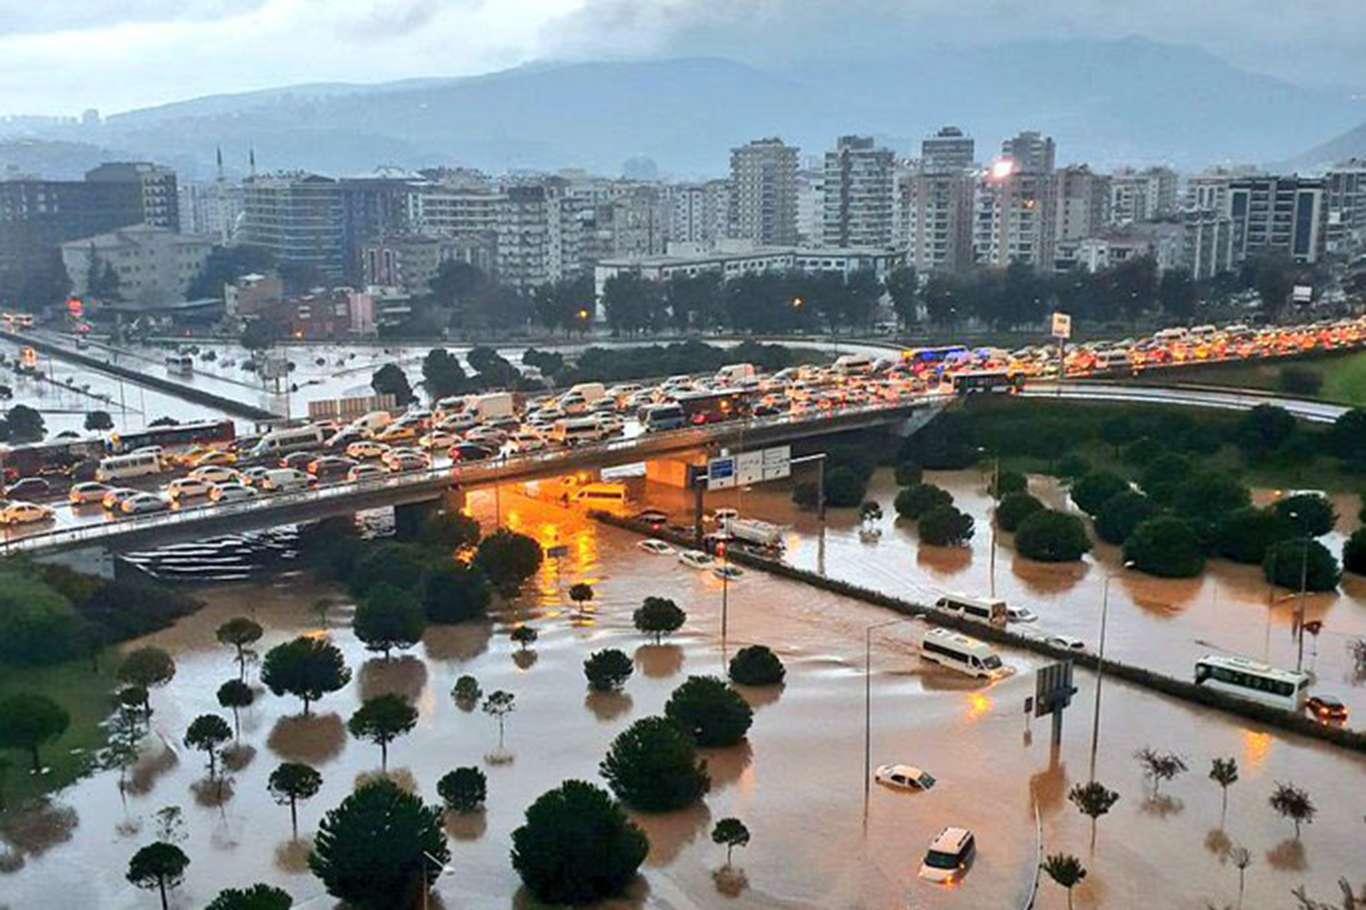 İzmir'de Yaşanan Sel Felaketinde Can Kaybı Yükseldi